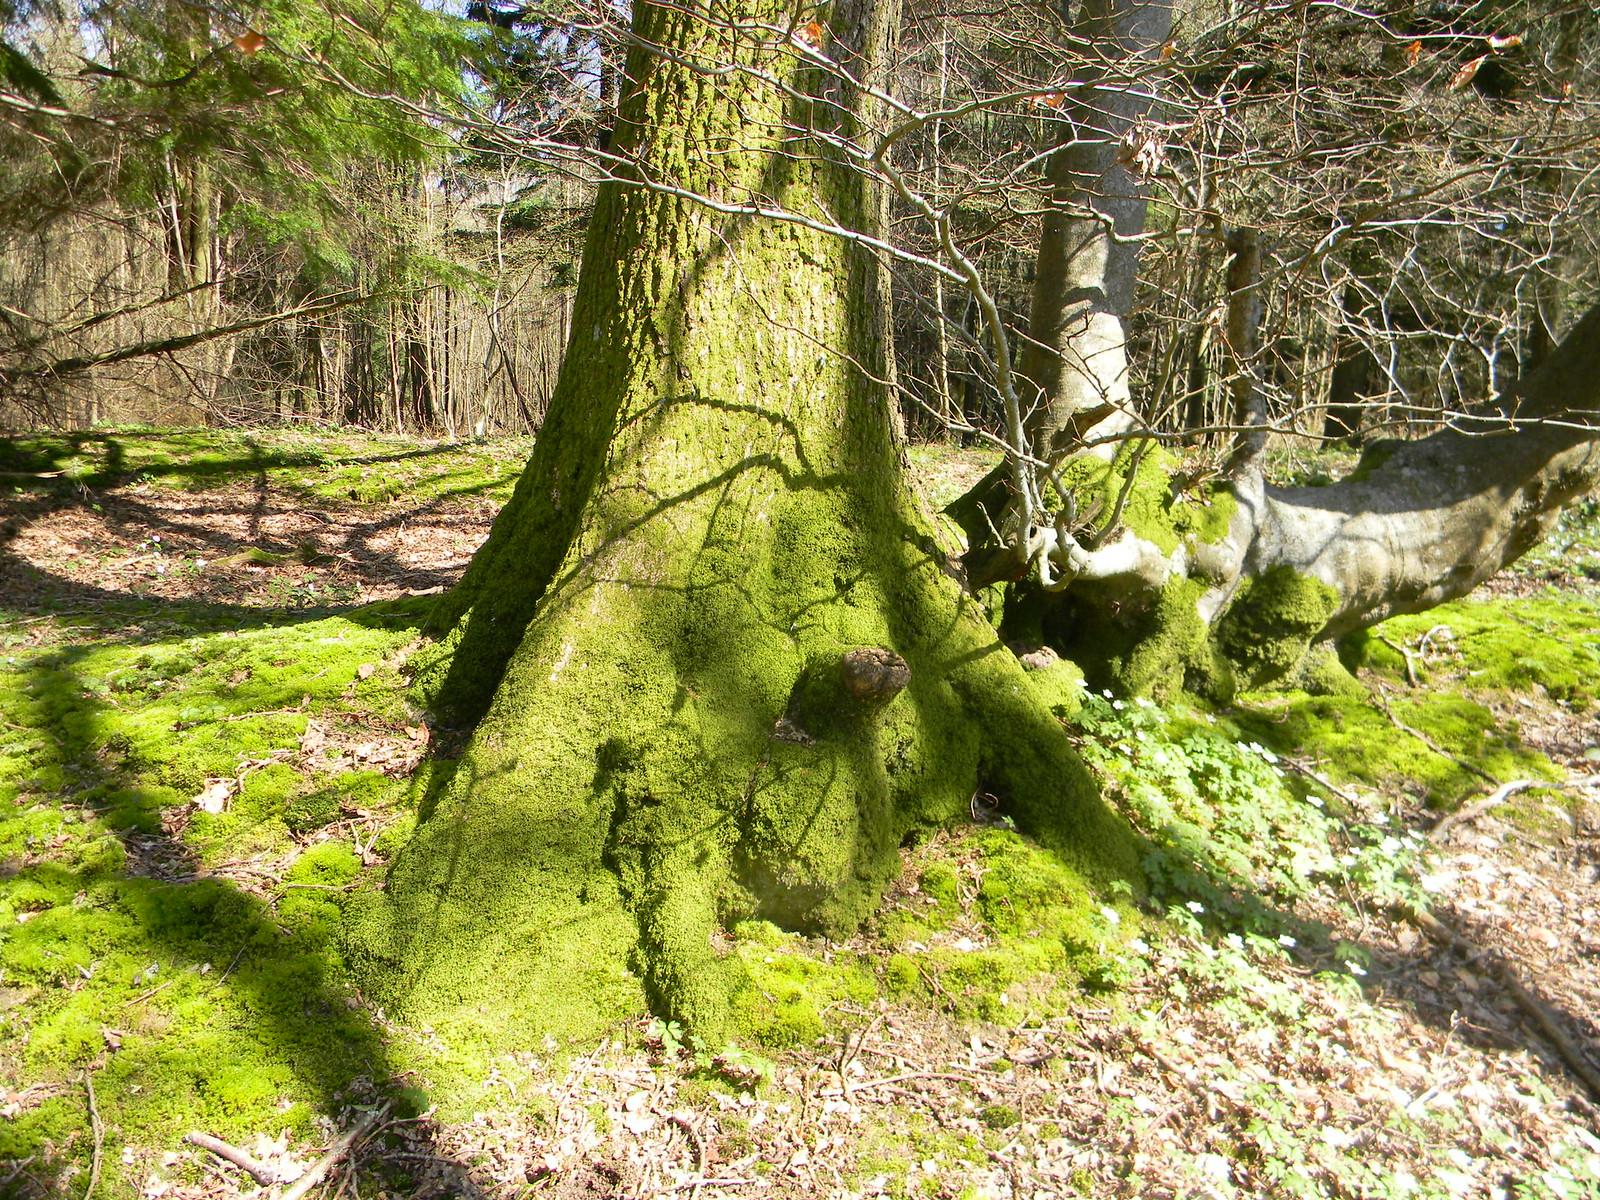 Mossy trunk As it happens, I got a bit 'mossy trunk 'last night. Robertsbridge to Battle